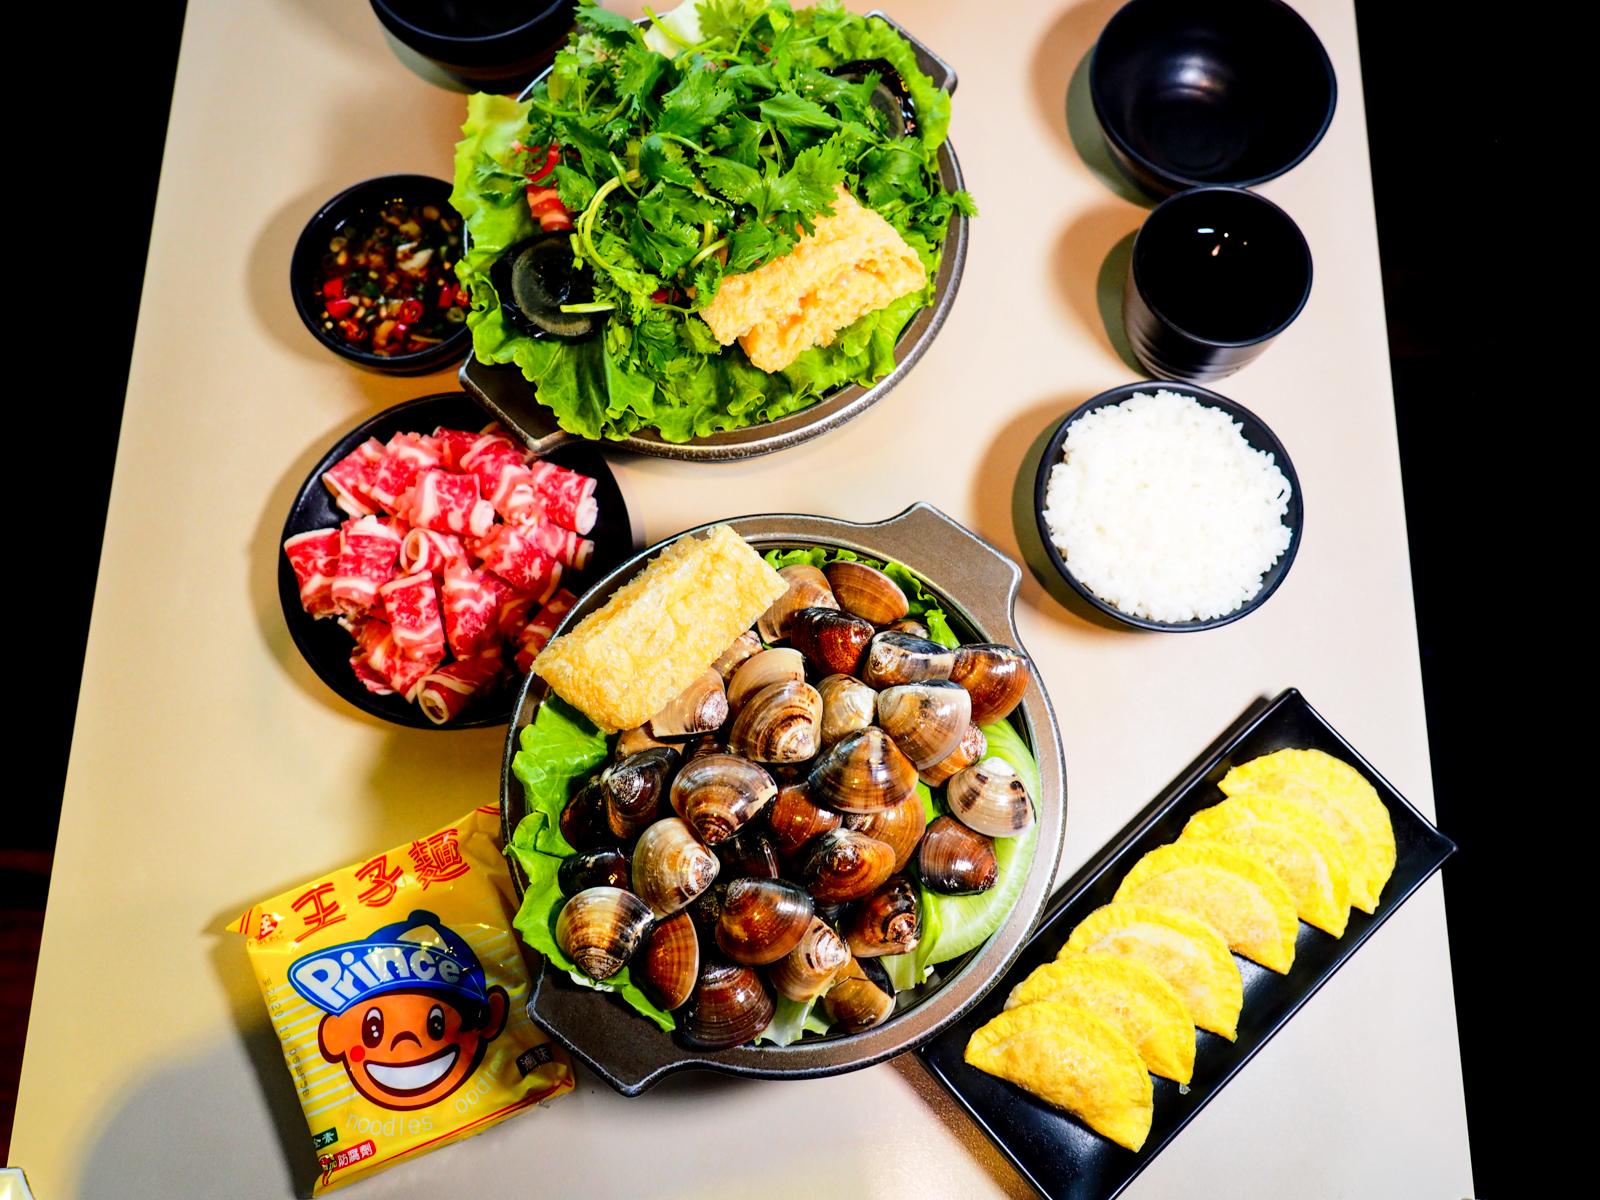 【板橋火鍋推薦】啡嚐道平價火鍋  滿滿香菜的香菜皮蛋鍋和小山高的啵啵蛤蜊鍋